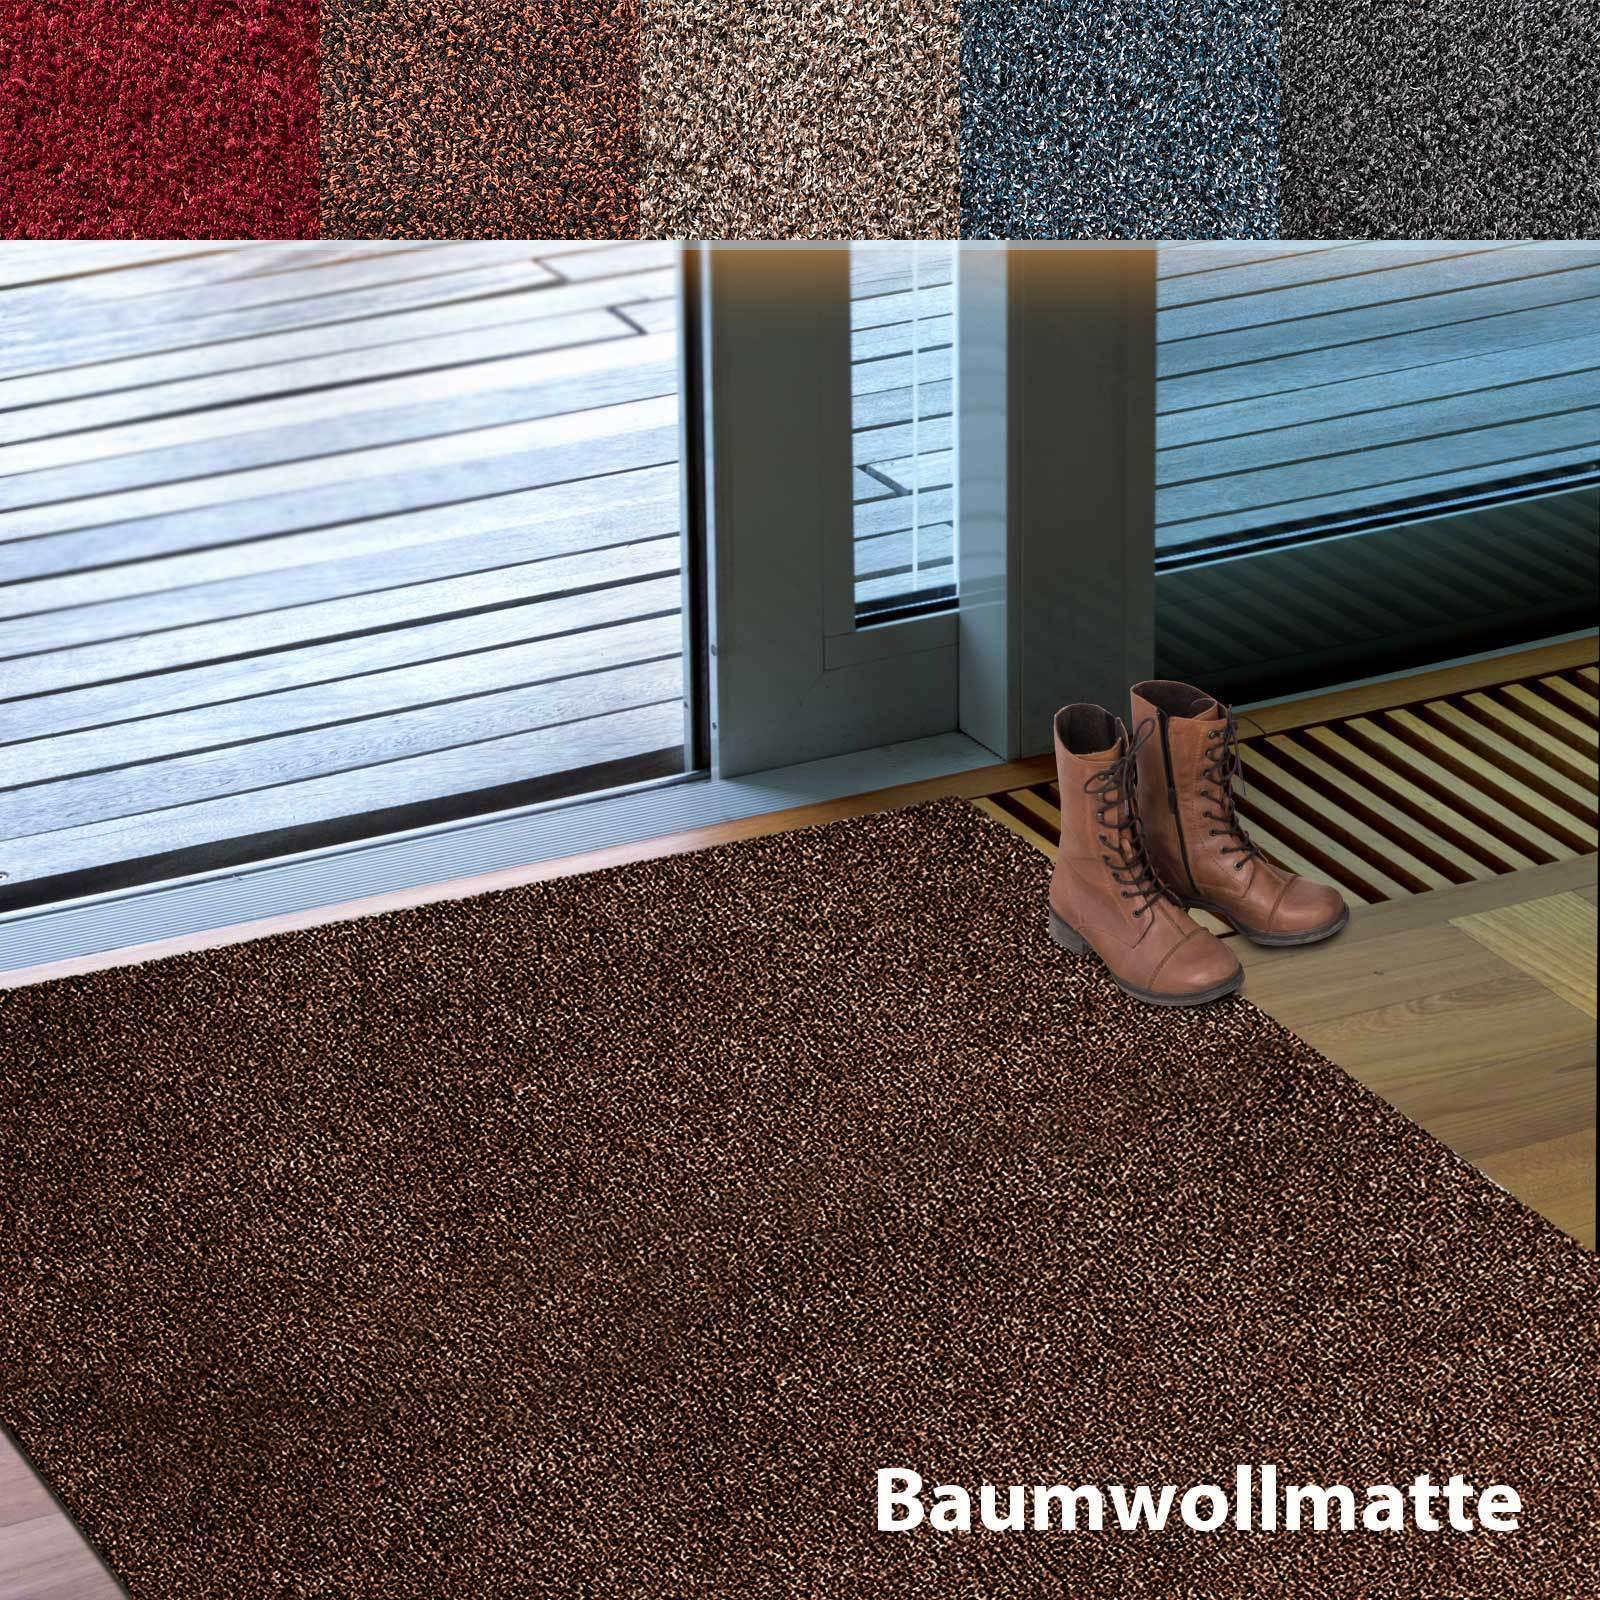 floordirekt 100 baumwollmatte schmutzfangmatte t rmatte eingangsmatte waschbar eur 5 99. Black Bedroom Furniture Sets. Home Design Ideas